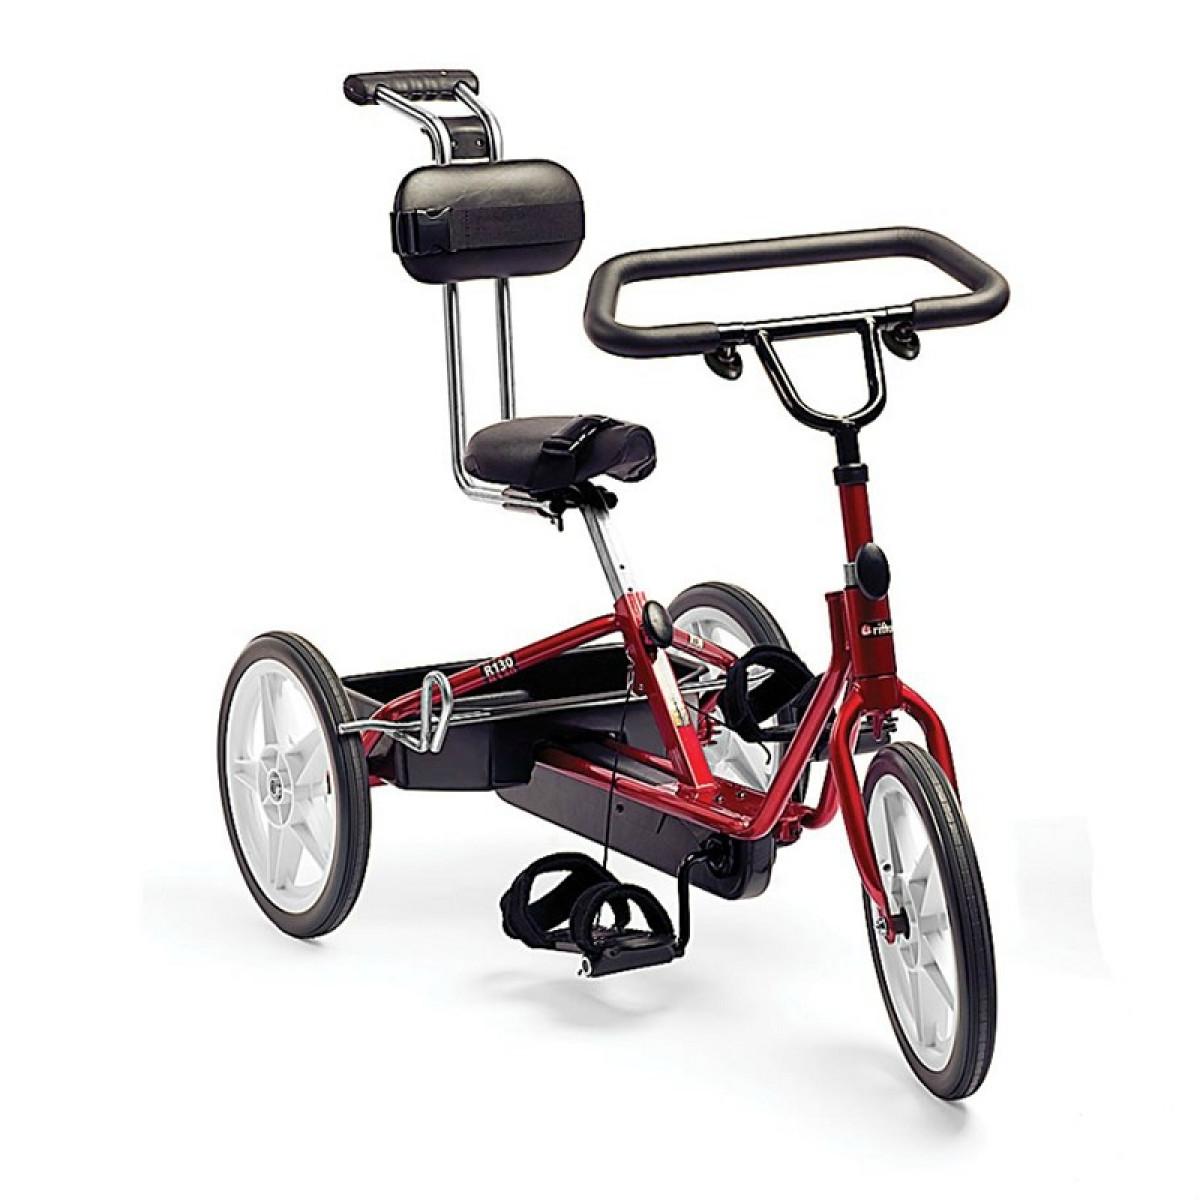 Велосипед реабилитационный для инвалидов с ДЦП Рифтон (Rifton)